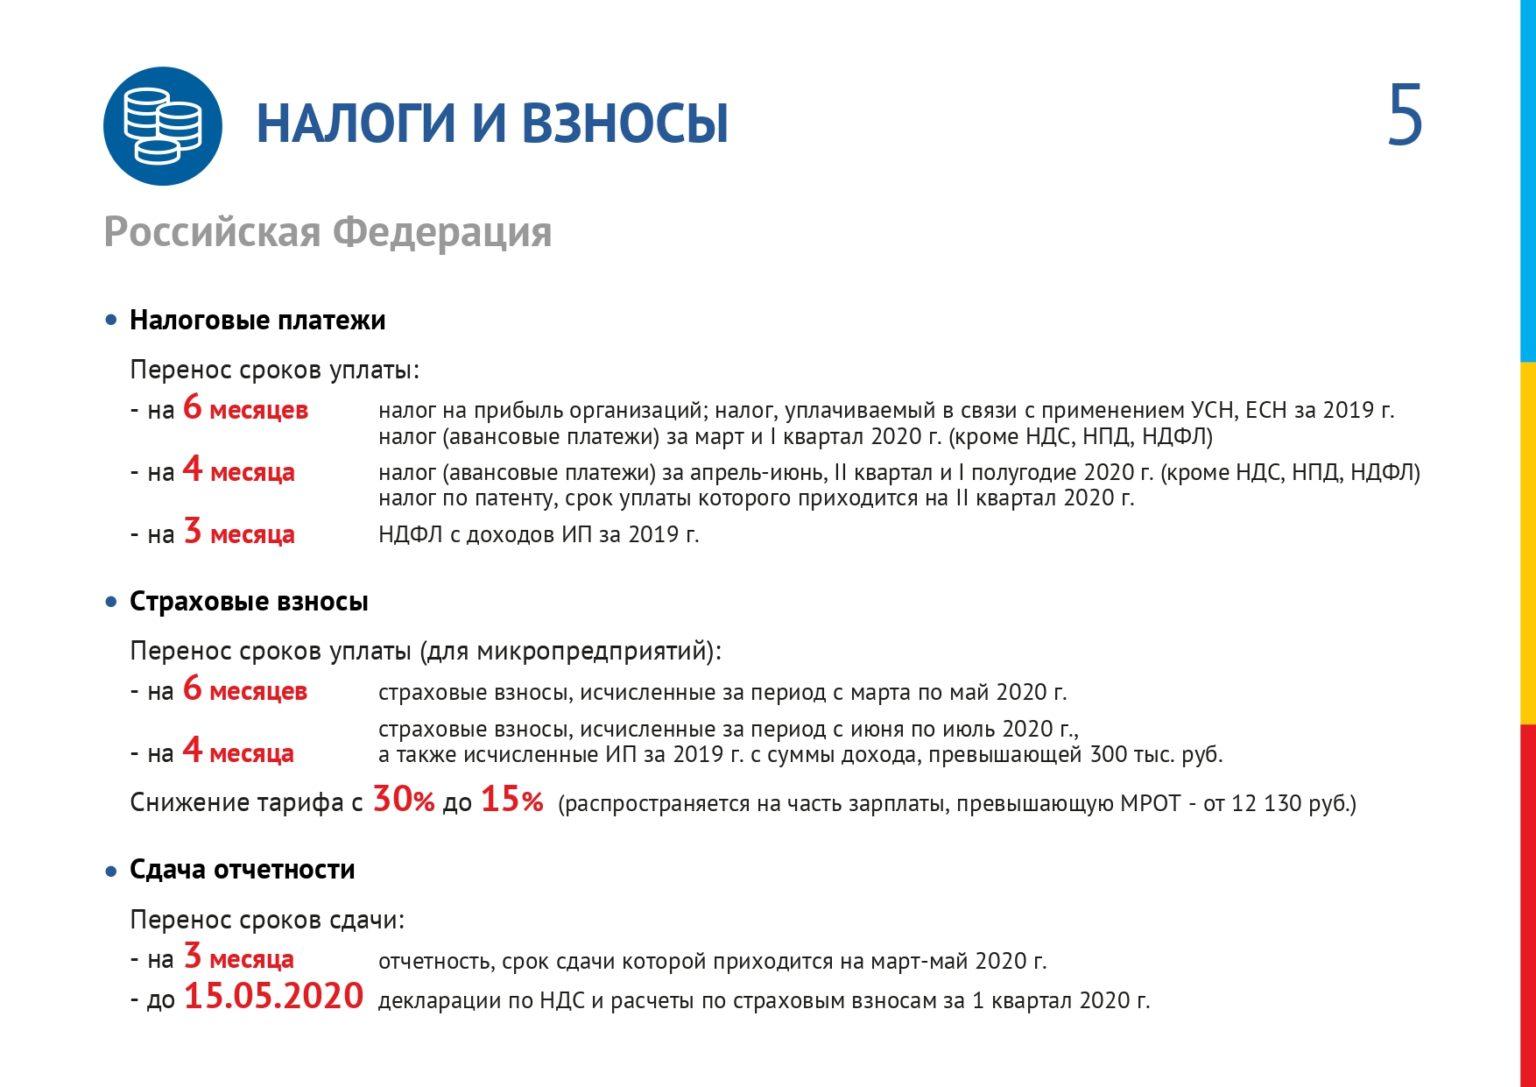 Презентация_page-0005